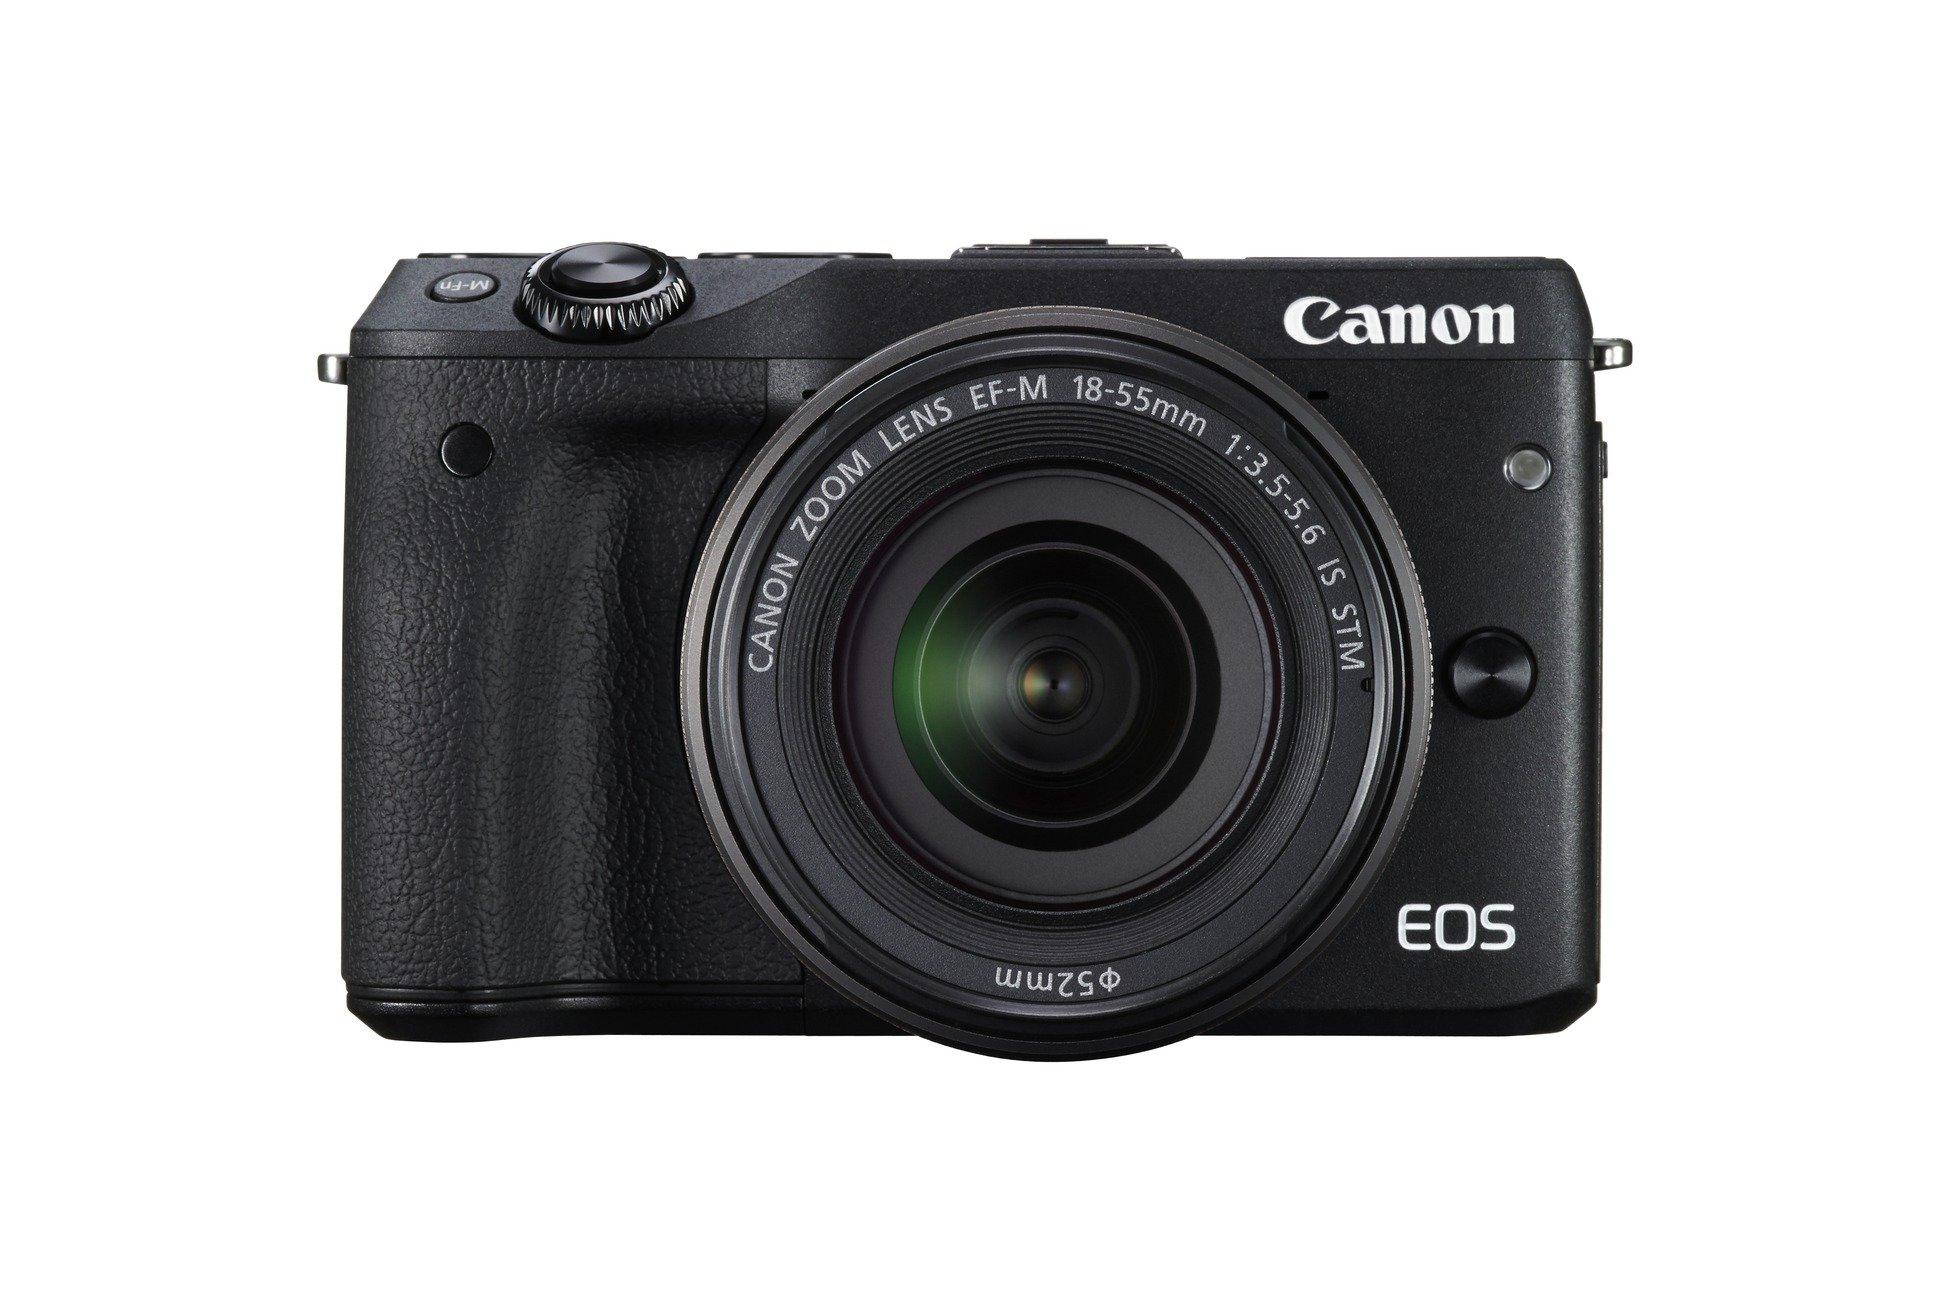 Canon EOS M3 Kit Fotocamera Mirrorless da 24 Megapixel con Obiettivo EF-M 18-55 mm STM, Versione EU, Nero product image